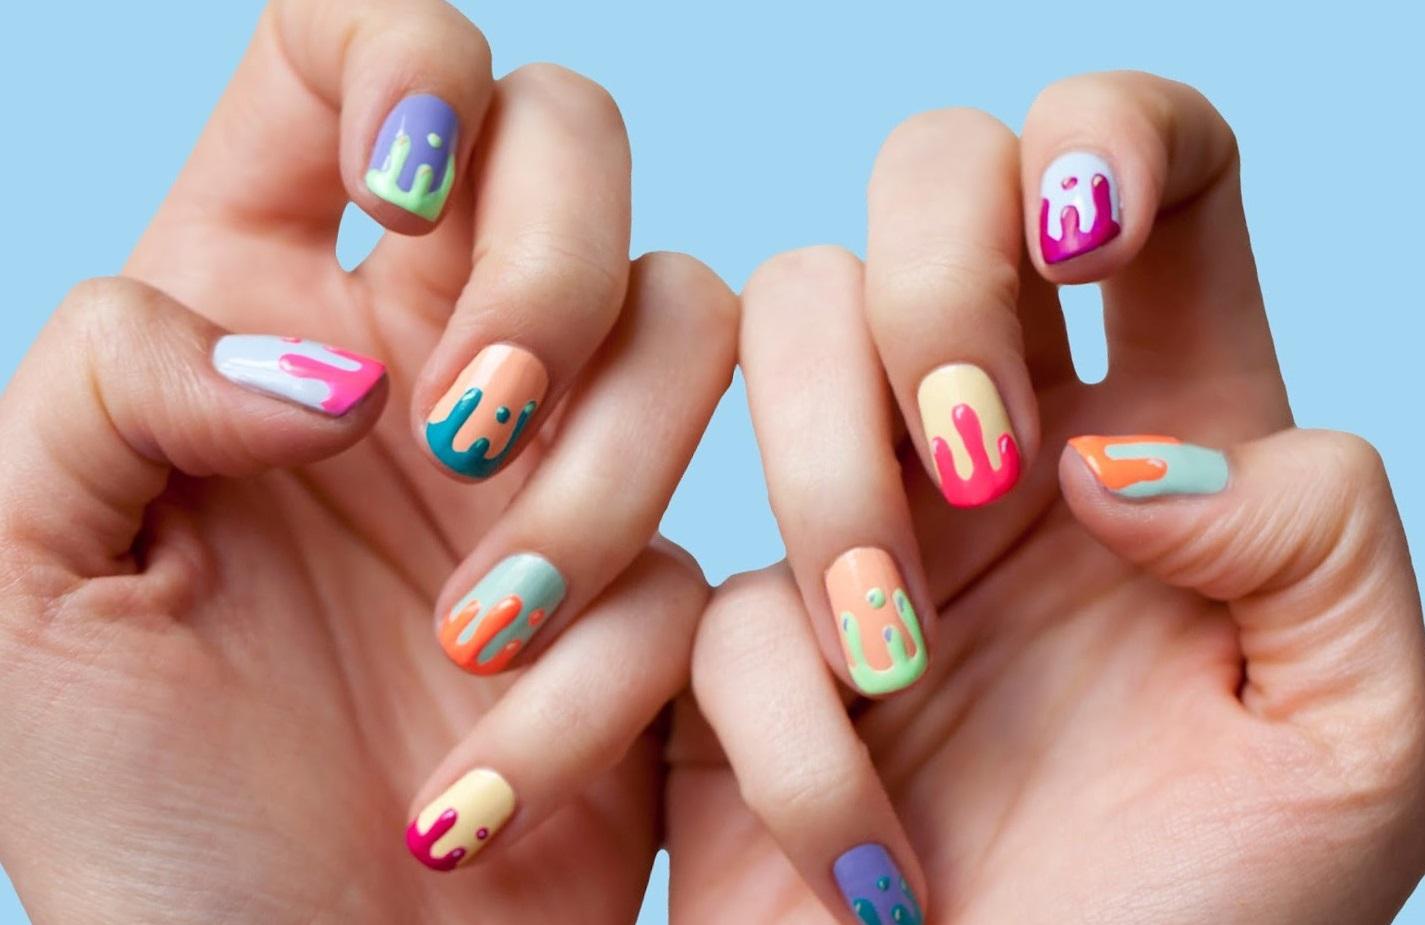 Длинные ногти – это стильно и сексуально, поэтому многие девушки предпочитают нарощенные ногти коротким.